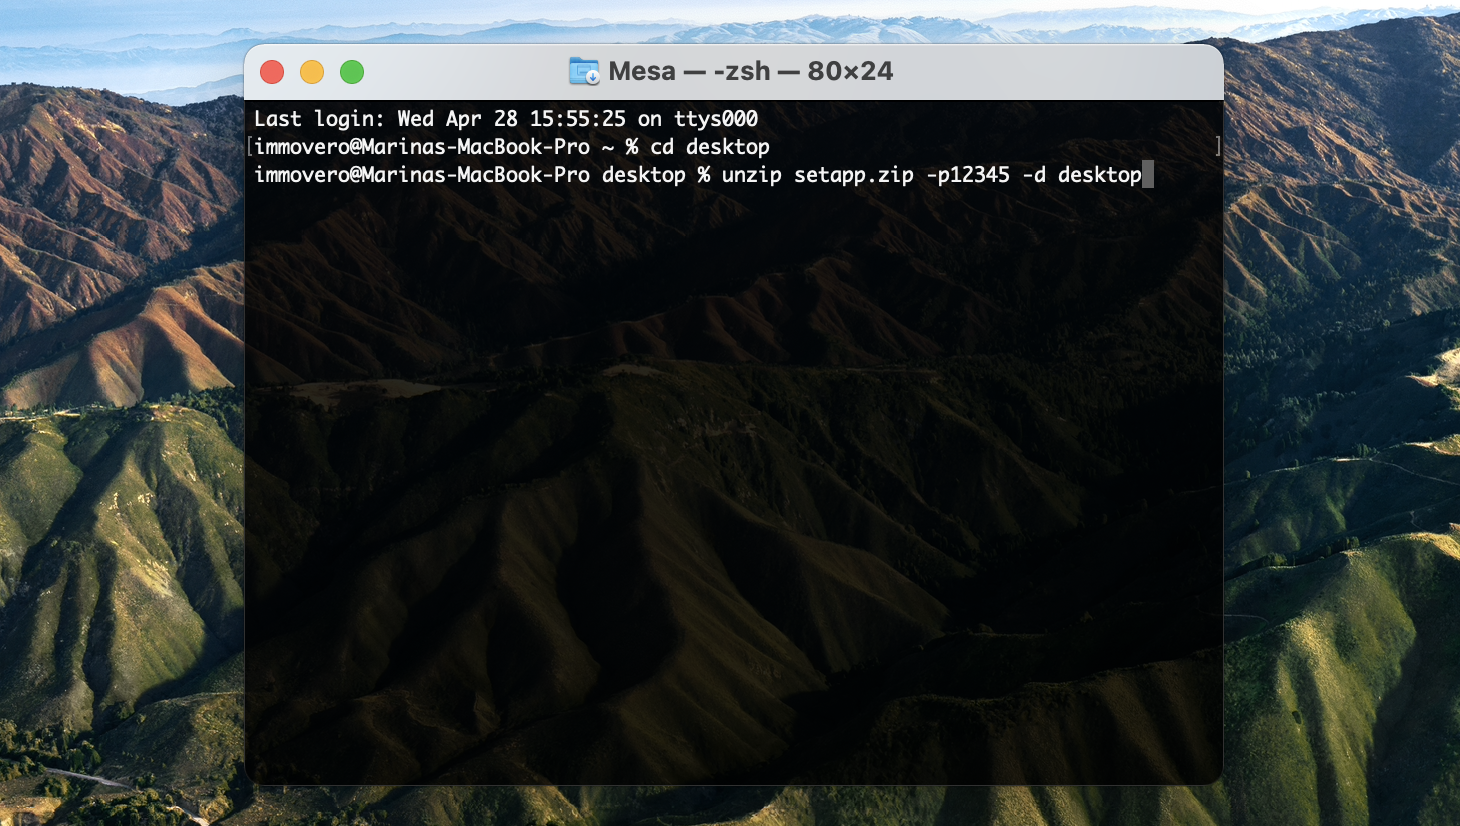 Abra arquivos zip protegidos por senha no Terminal